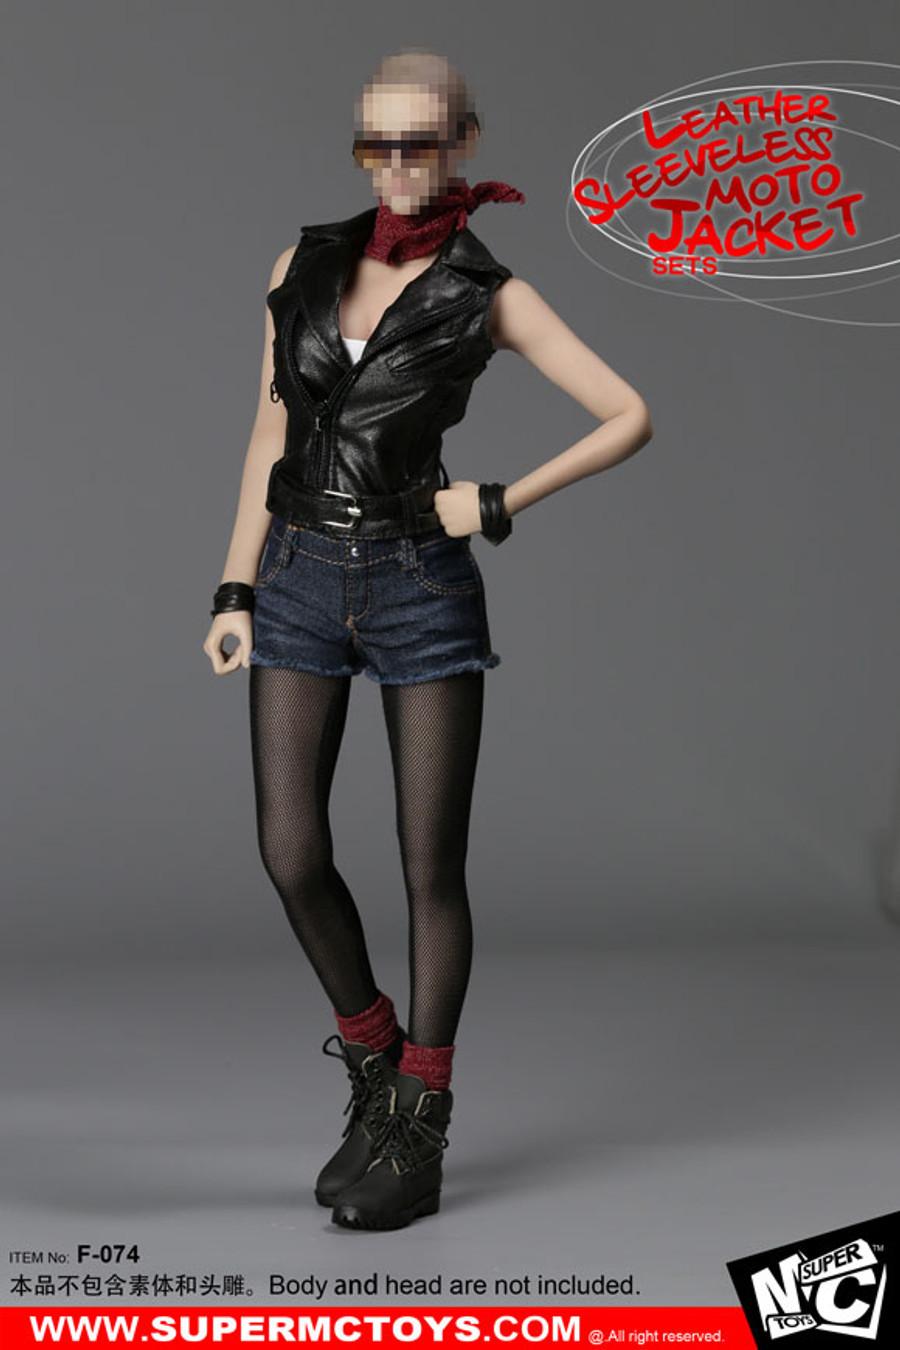 MC Toys -  Leather Sleeveless Moto Jacket Set - Female